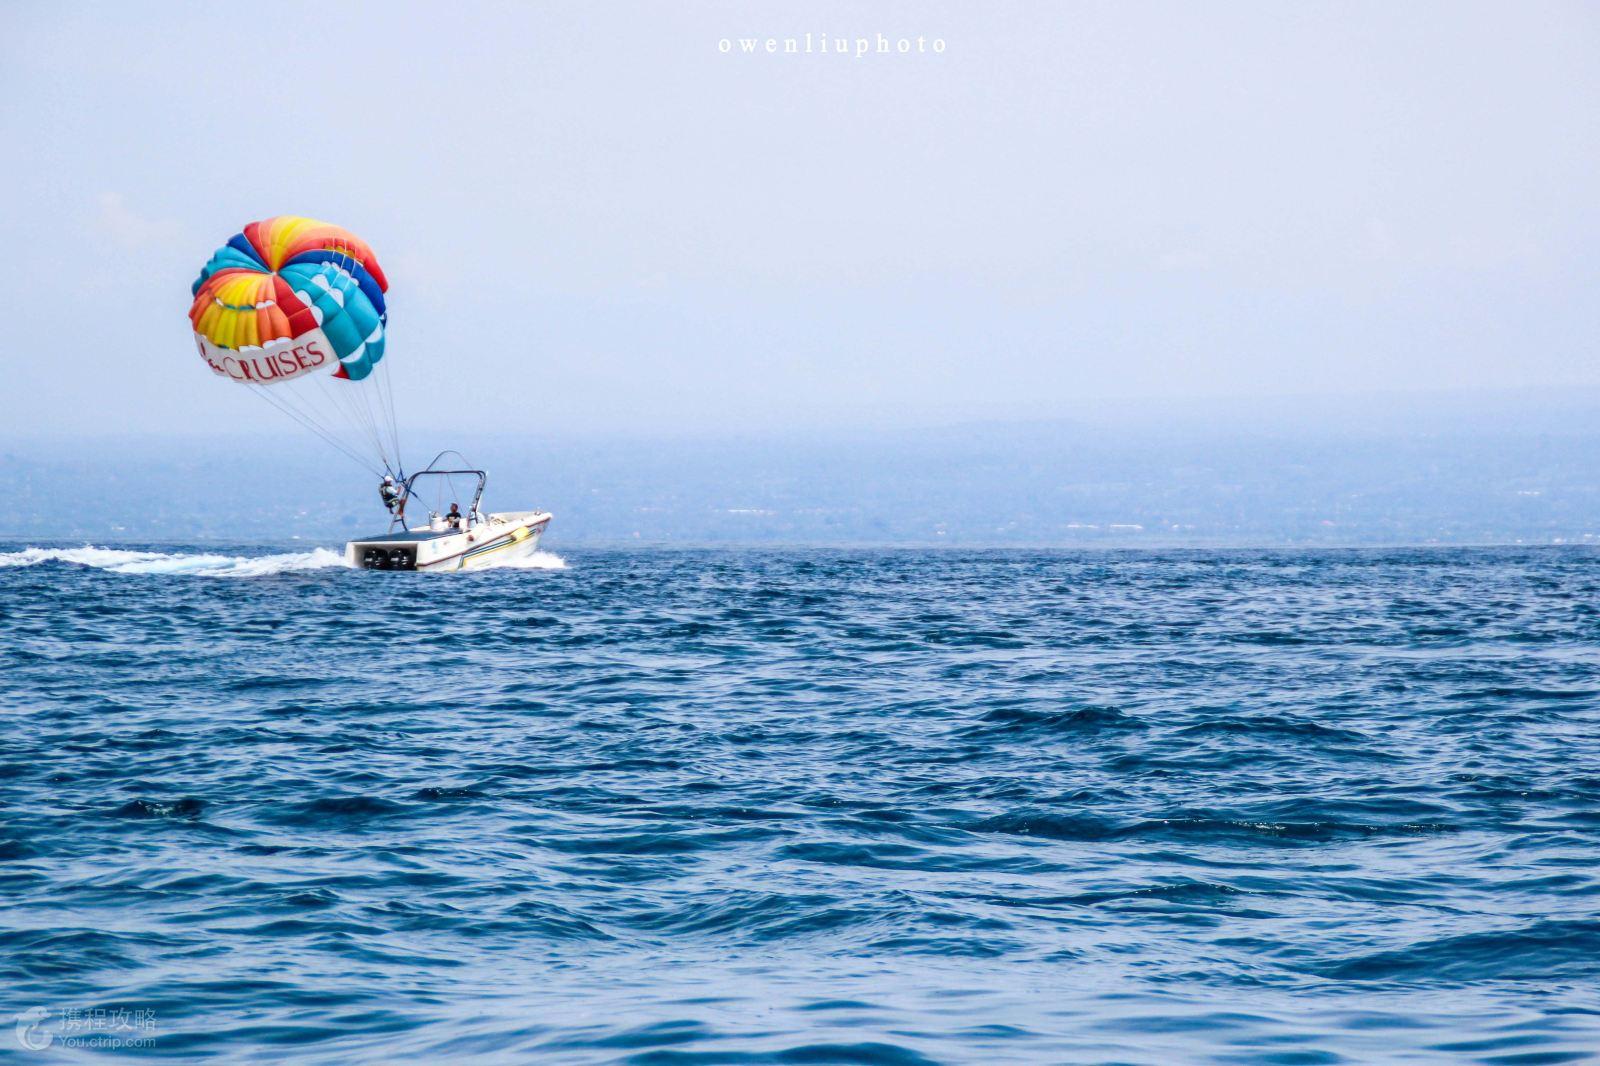 香蕉船+橡皮艇等项目【蓝梦岛】蓝梦岛面积不大